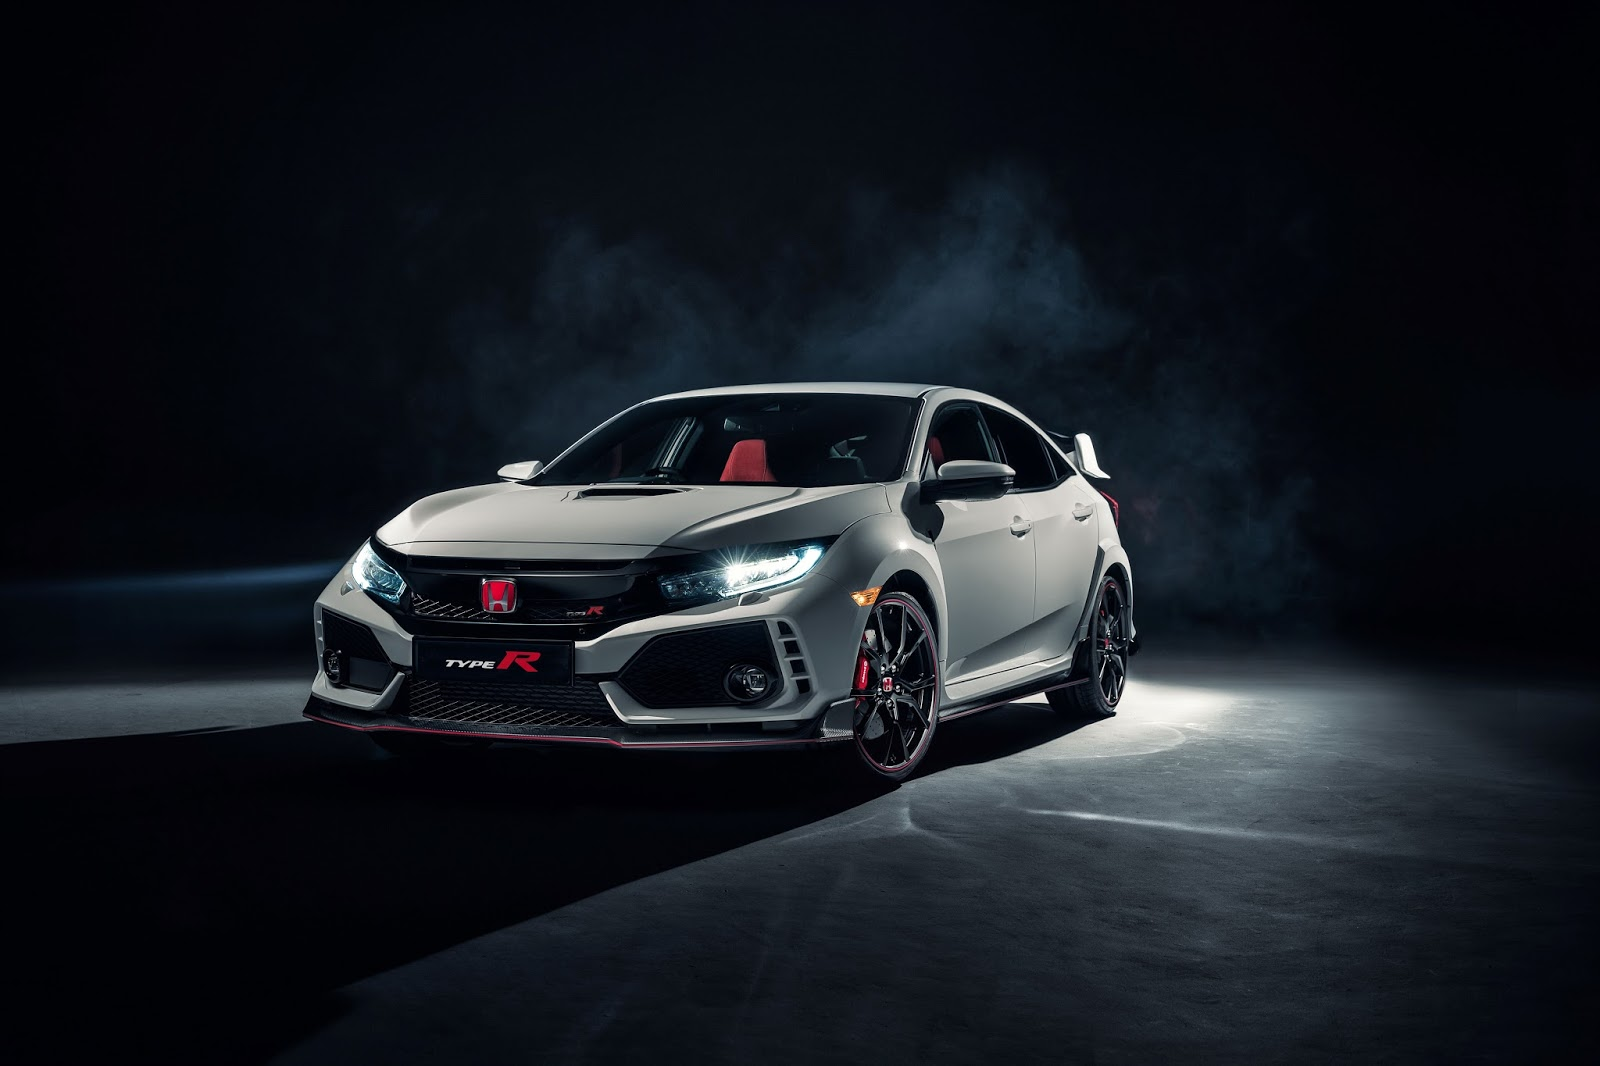 Η Honda στην Έκθεση Αυτοκινήτου της Γενεύης 2017